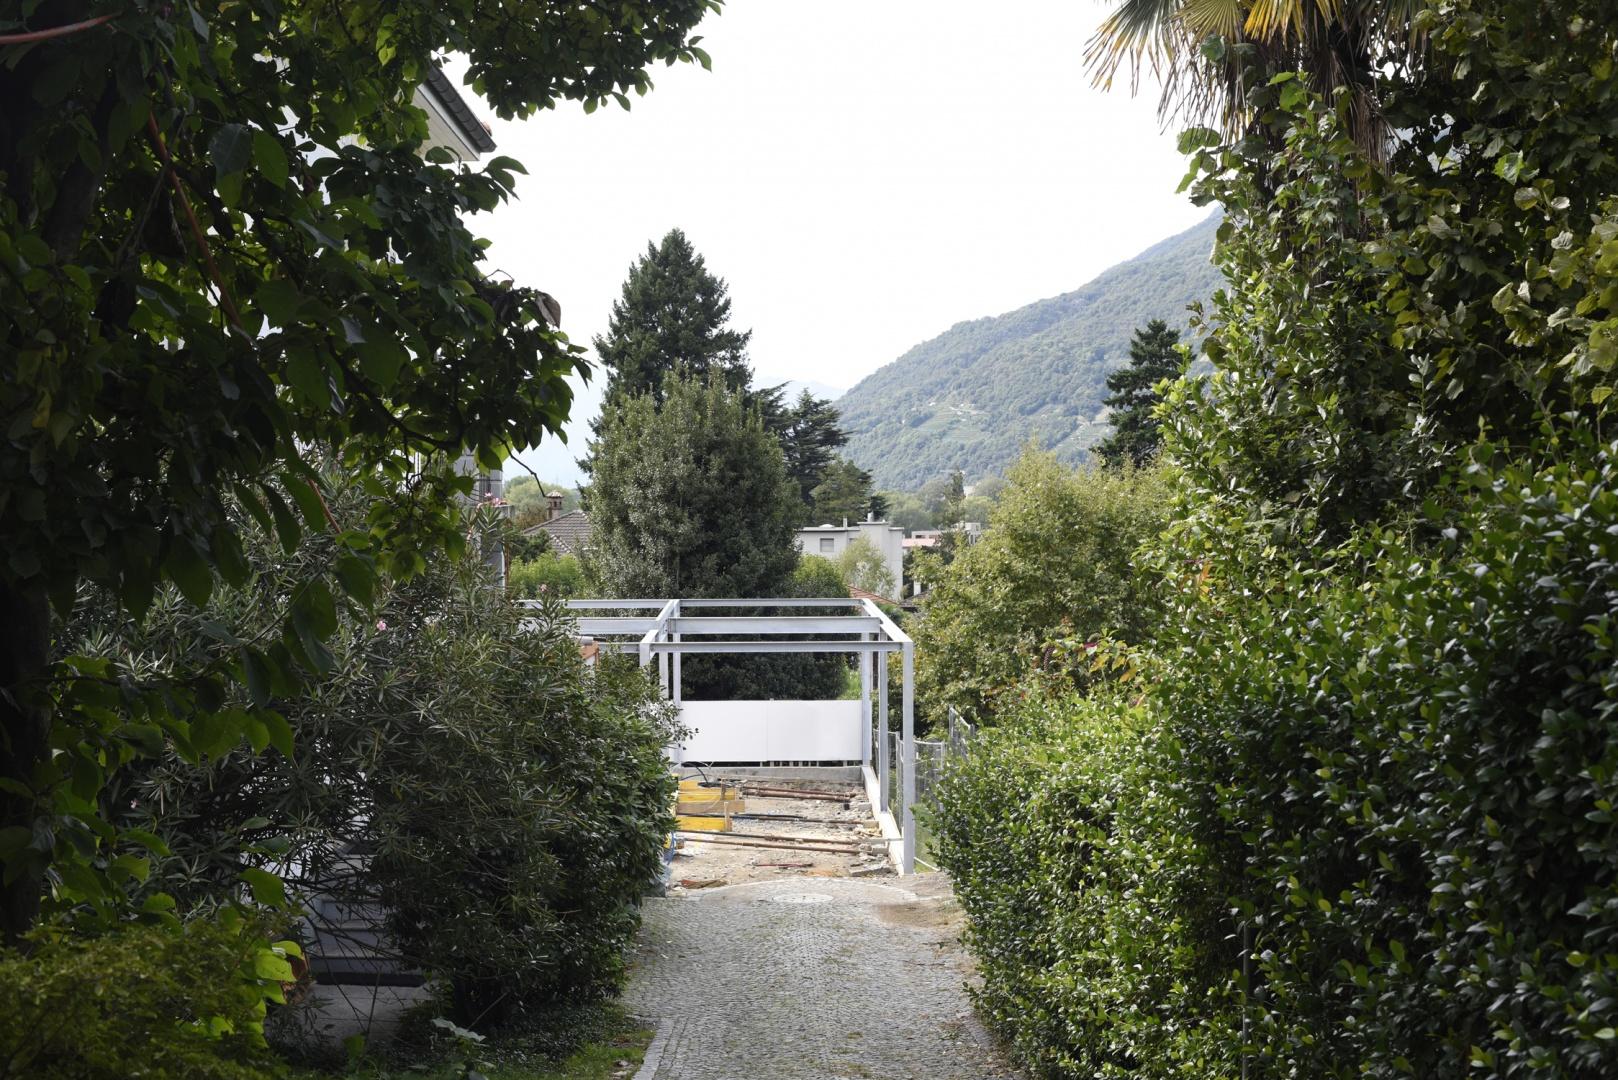 Accesso © Sabrina Montiglia, c/o Spazio 1929, via Ciseri 3 Lugano